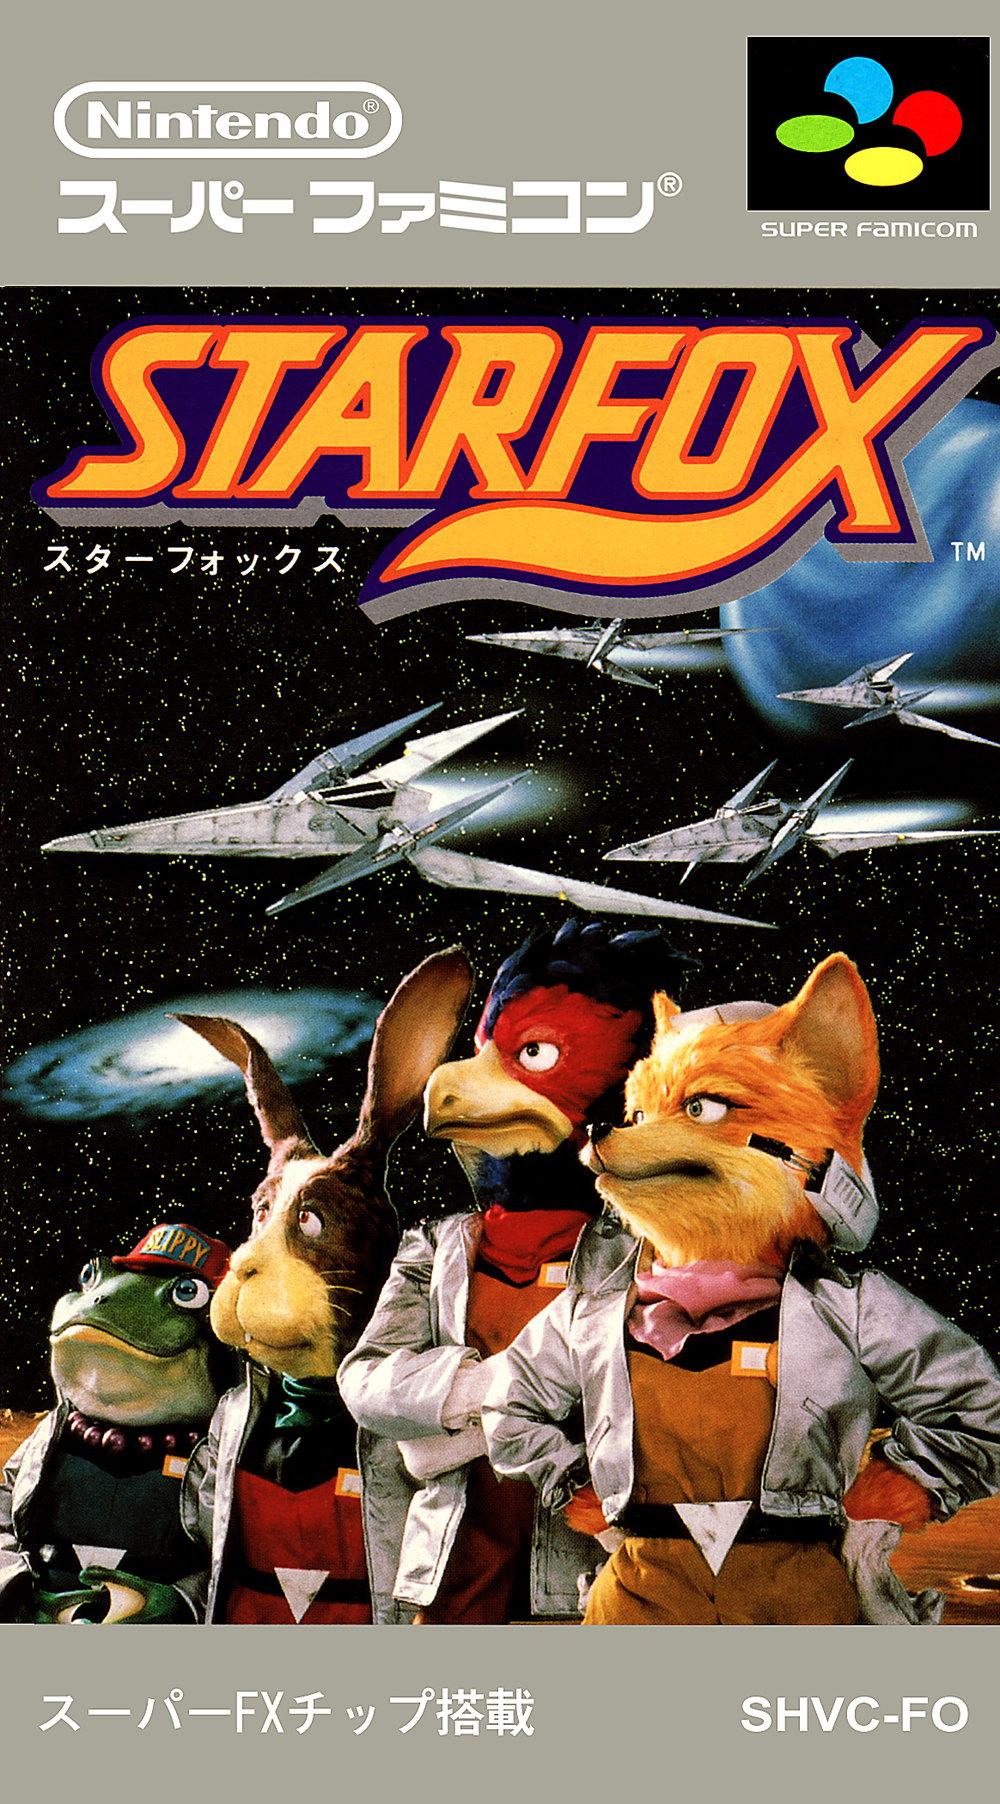 2364789-snes_starfox_2_jp.jpg